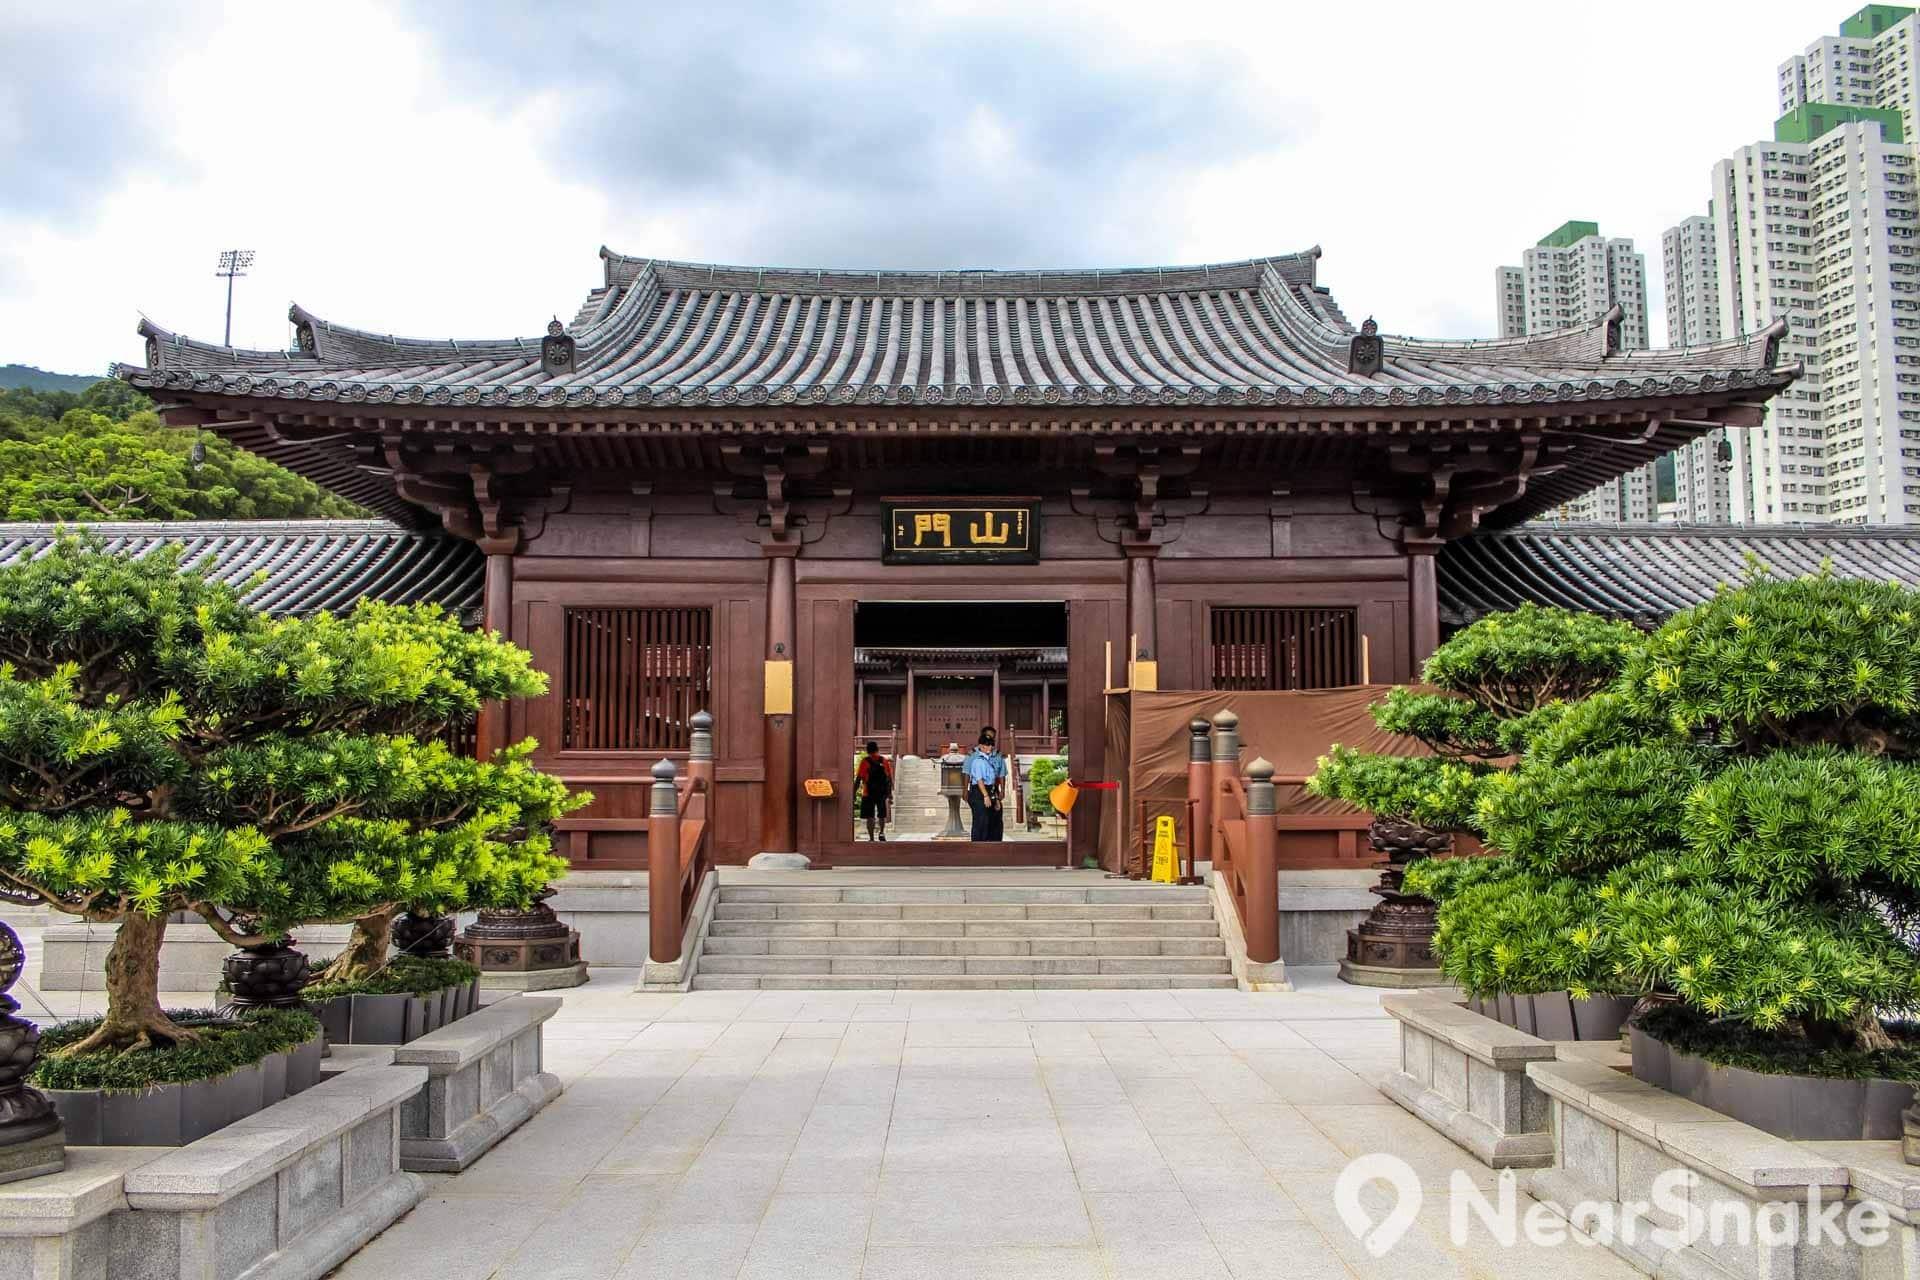 志蓮淨苑設三個大門,分別是山門、東門及西門,其中山門又稱作「三門」,即三解脫門之意。